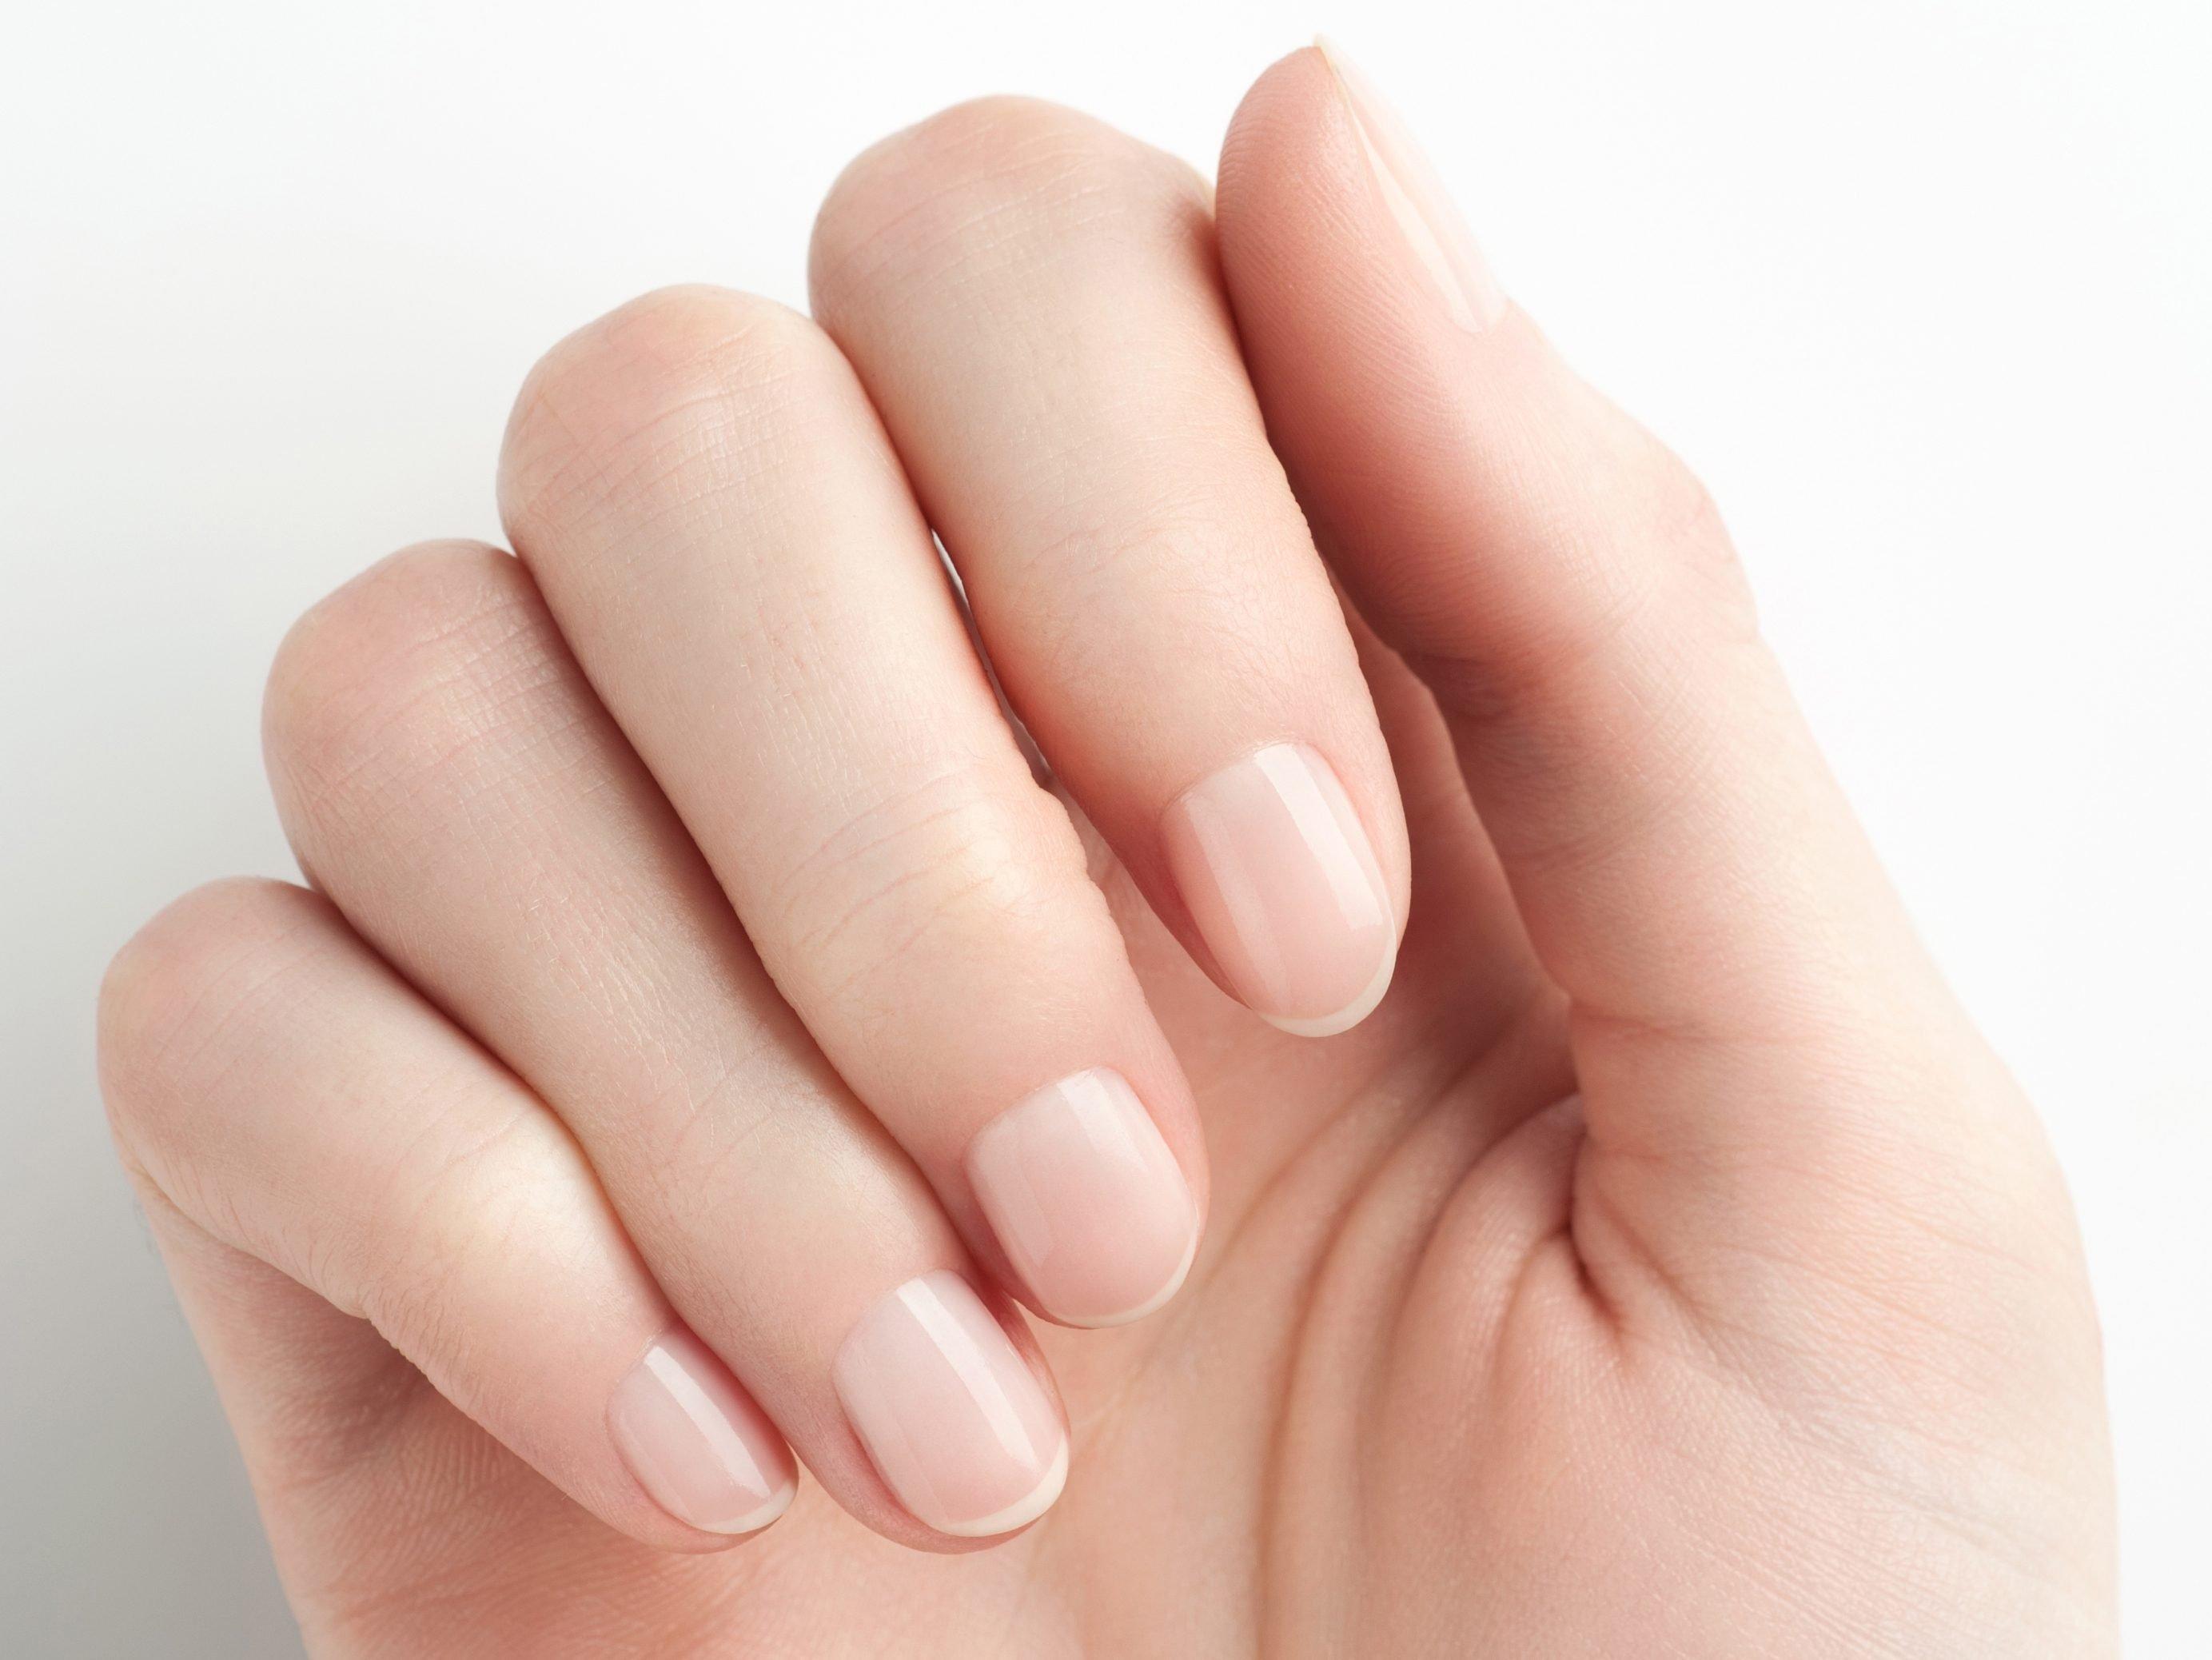 5 Nail Polish Tips